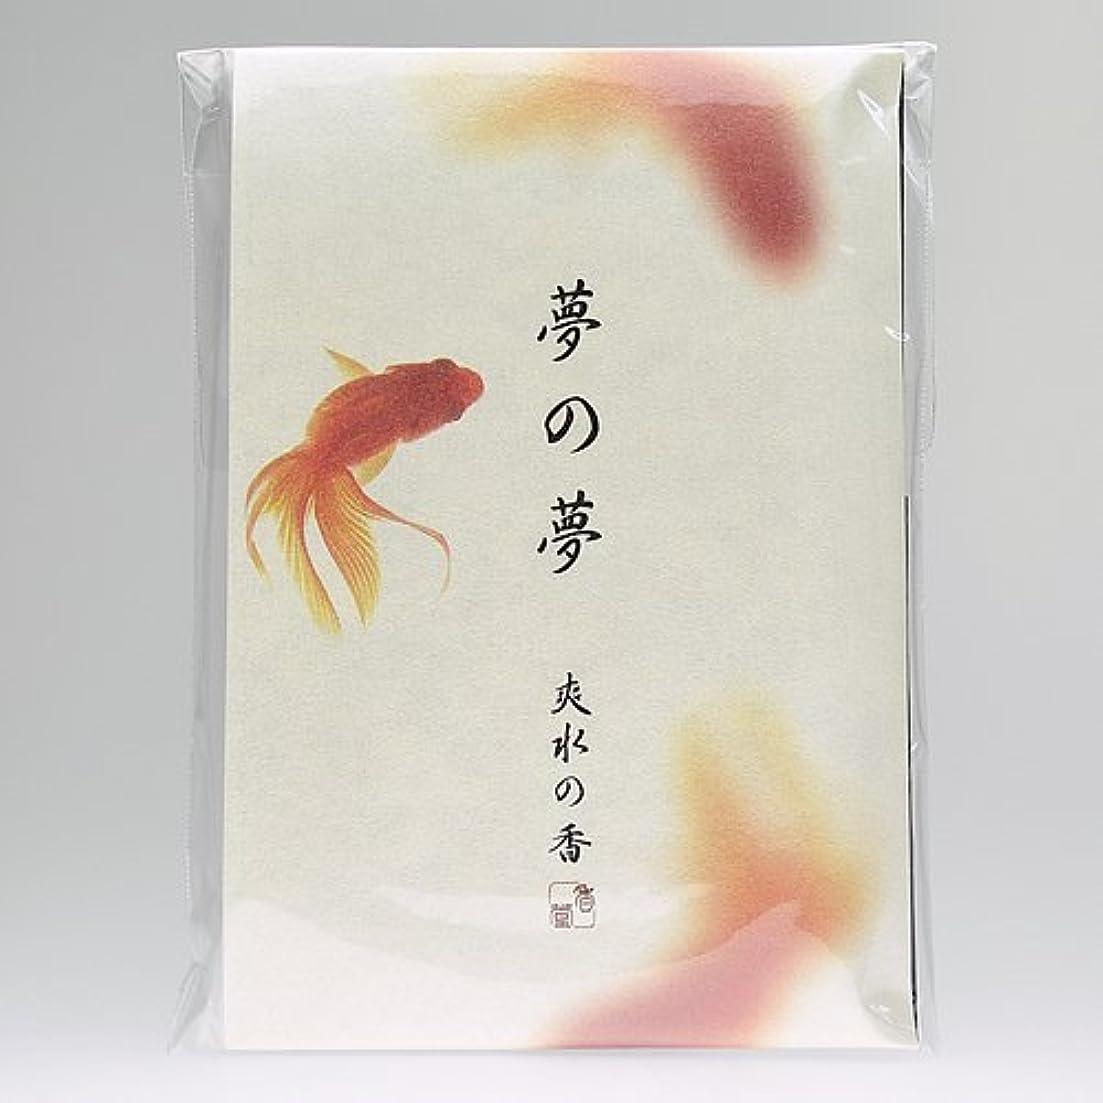 夢の夢 爽水の香 (金魚) スティック12本入